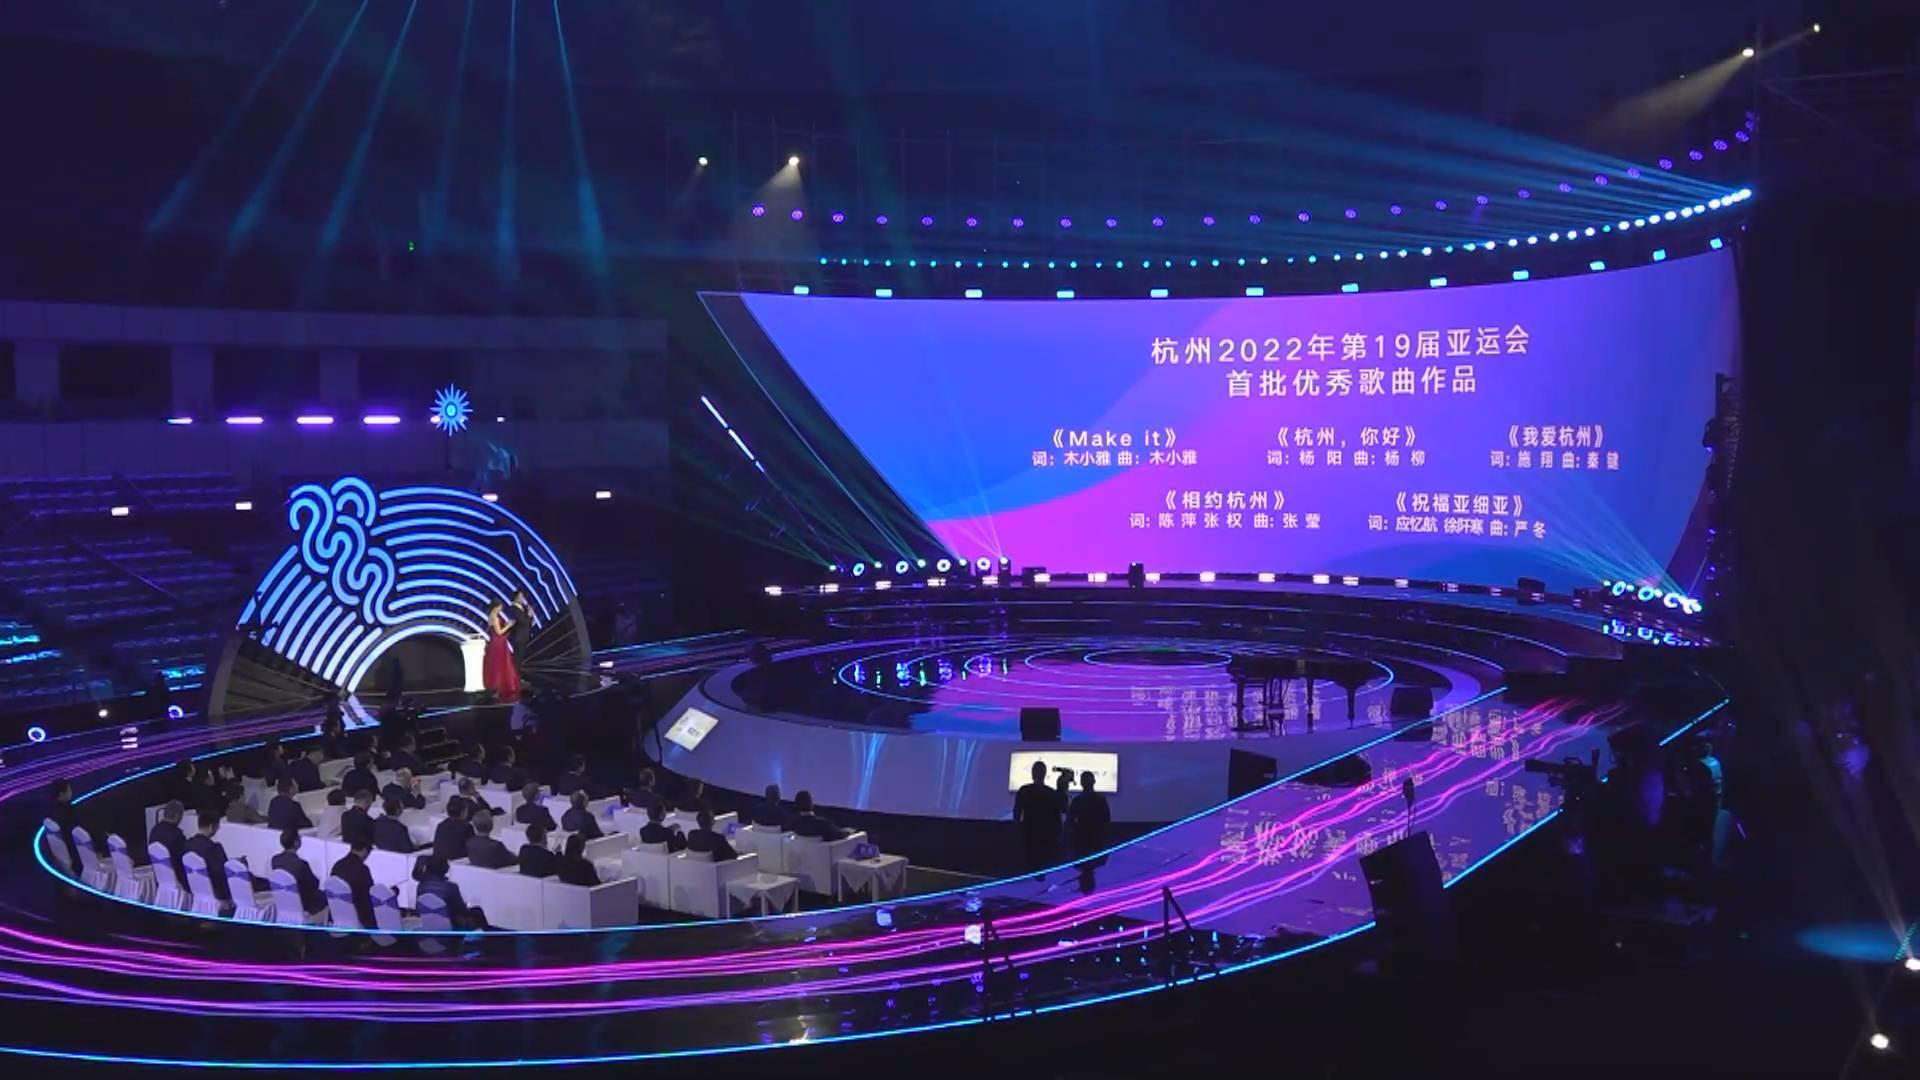 49秒丨杭州亚运会音乐作品全球征集活动收官 首批优秀作品发布